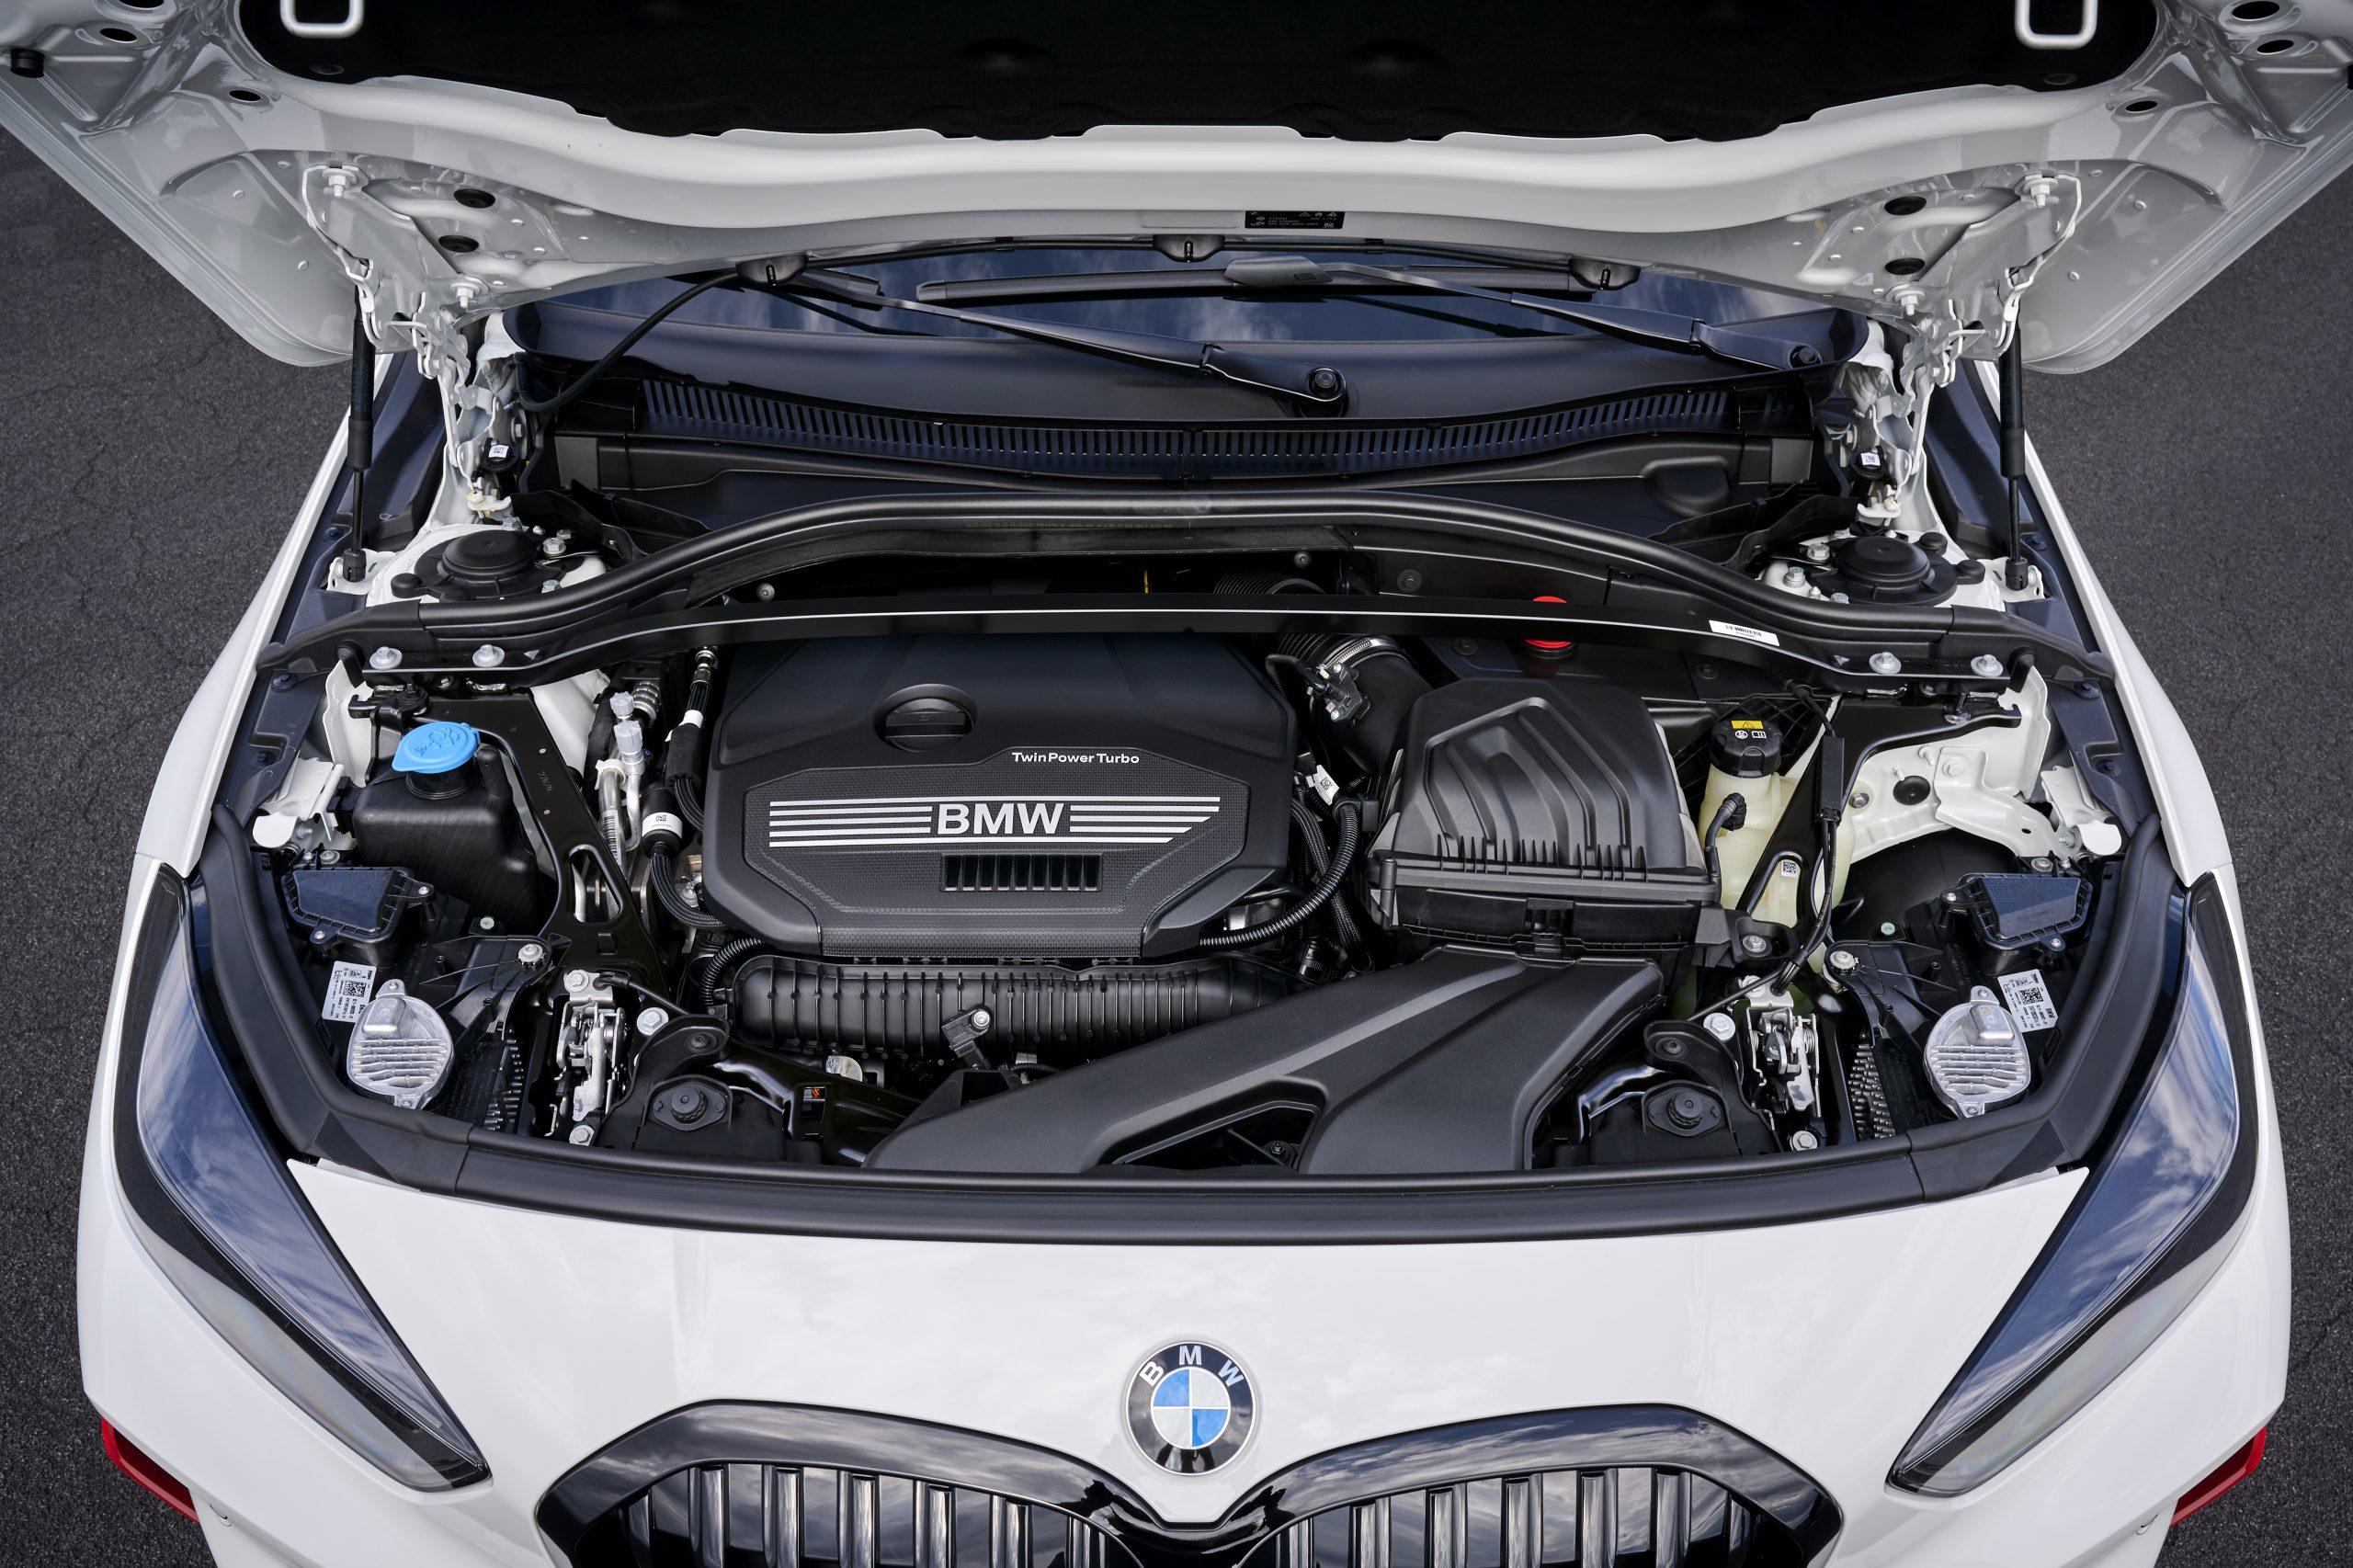 BMW 128 ti engine